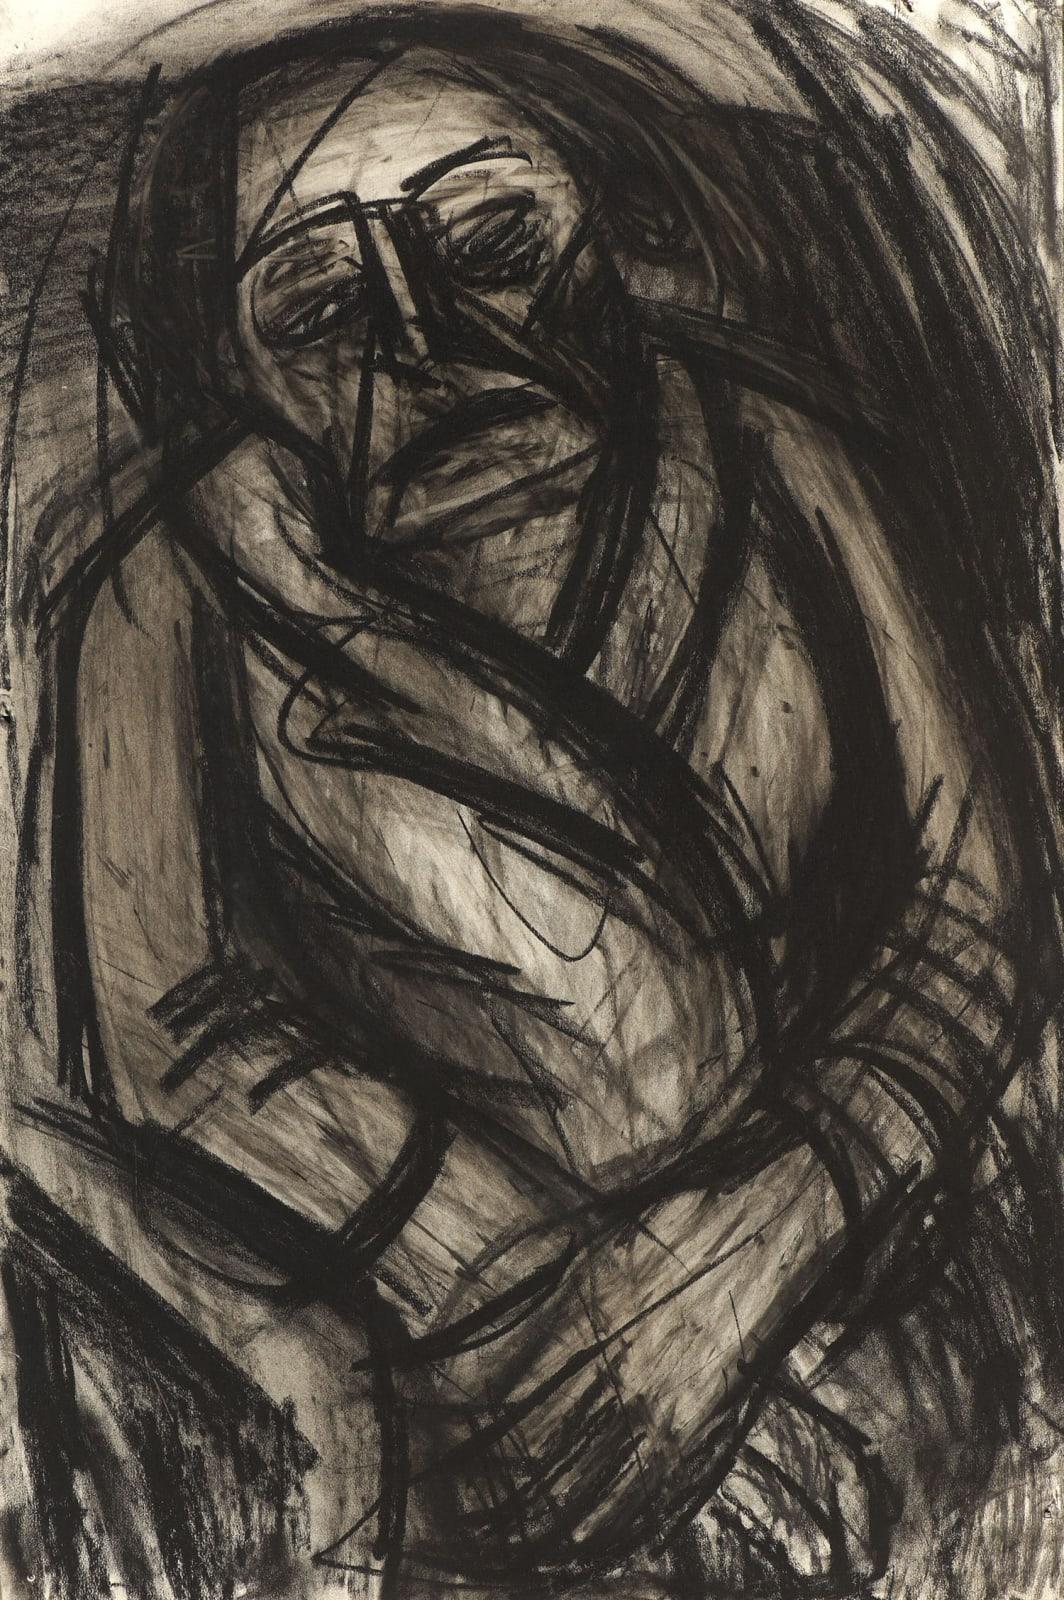 Леон Коссофф Портрет N M Seedo Часть аудиогида, выпущенного к галерее Ben Uri 2015 Столетие. Послушать